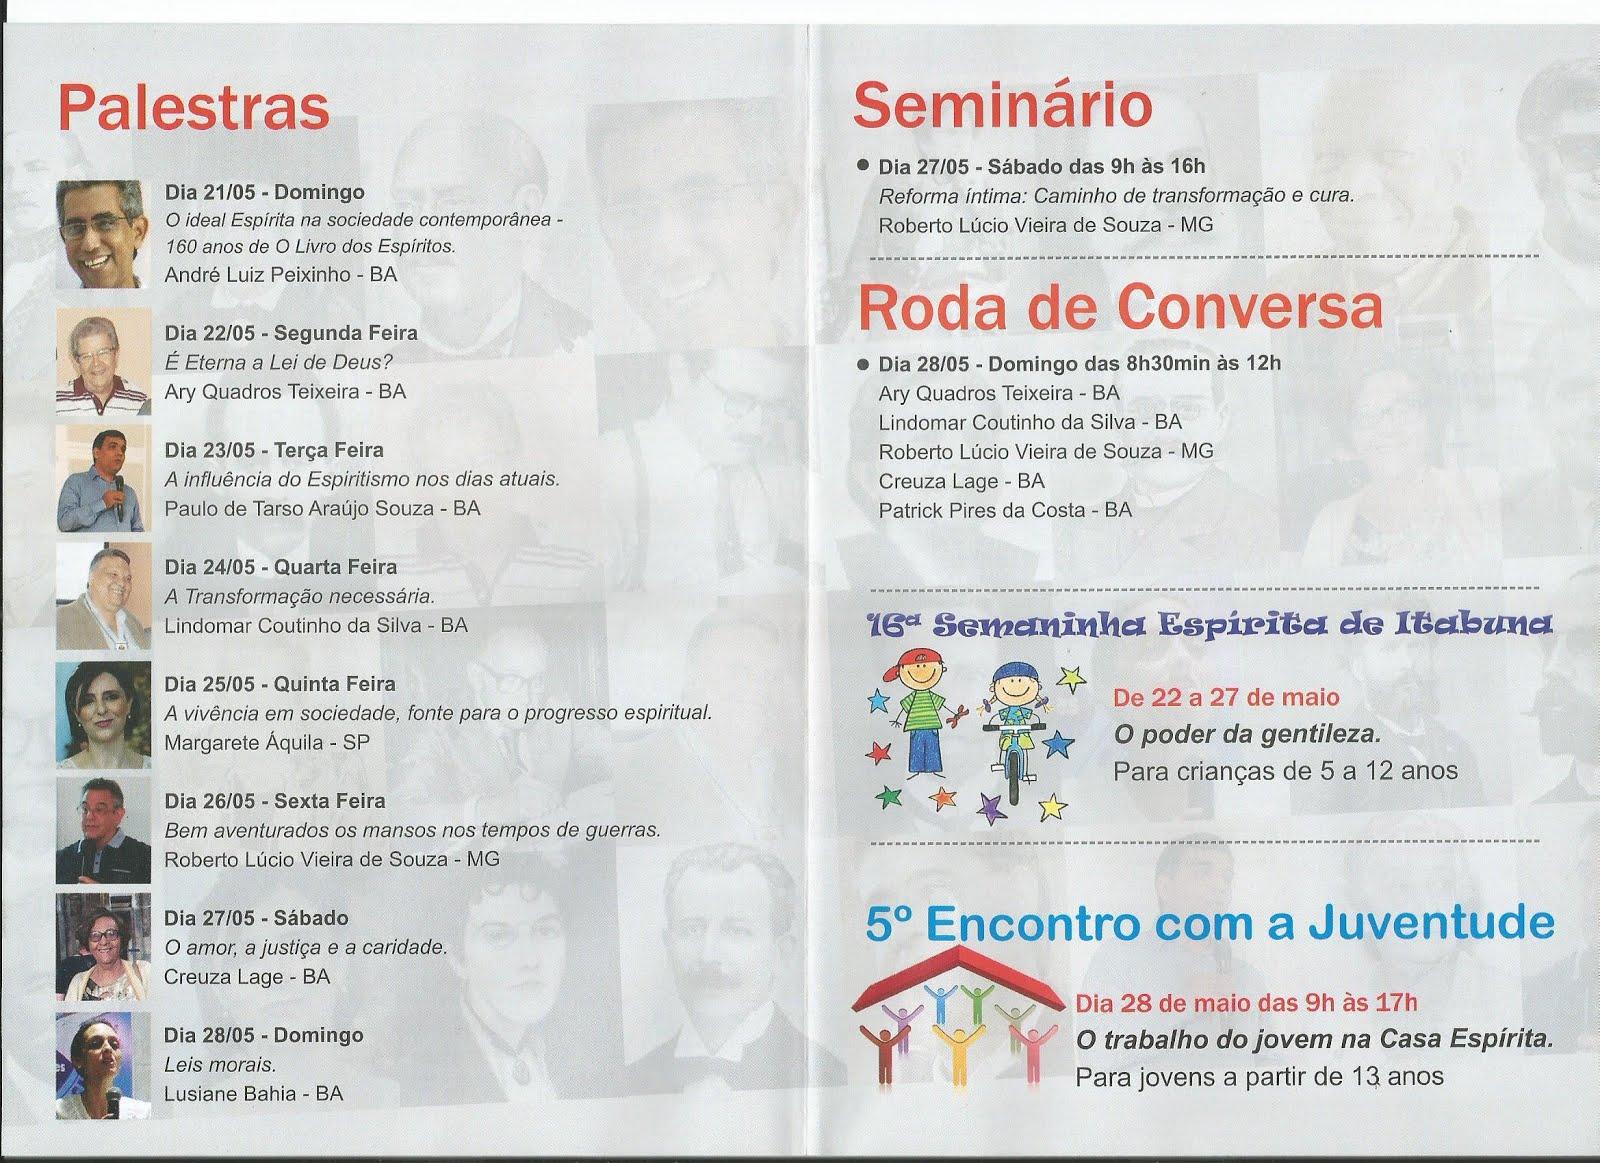 """""""Leis Morais"""" é tema central da 47ª Semana Espírita de Itabuna promovida pelo ICEI"""